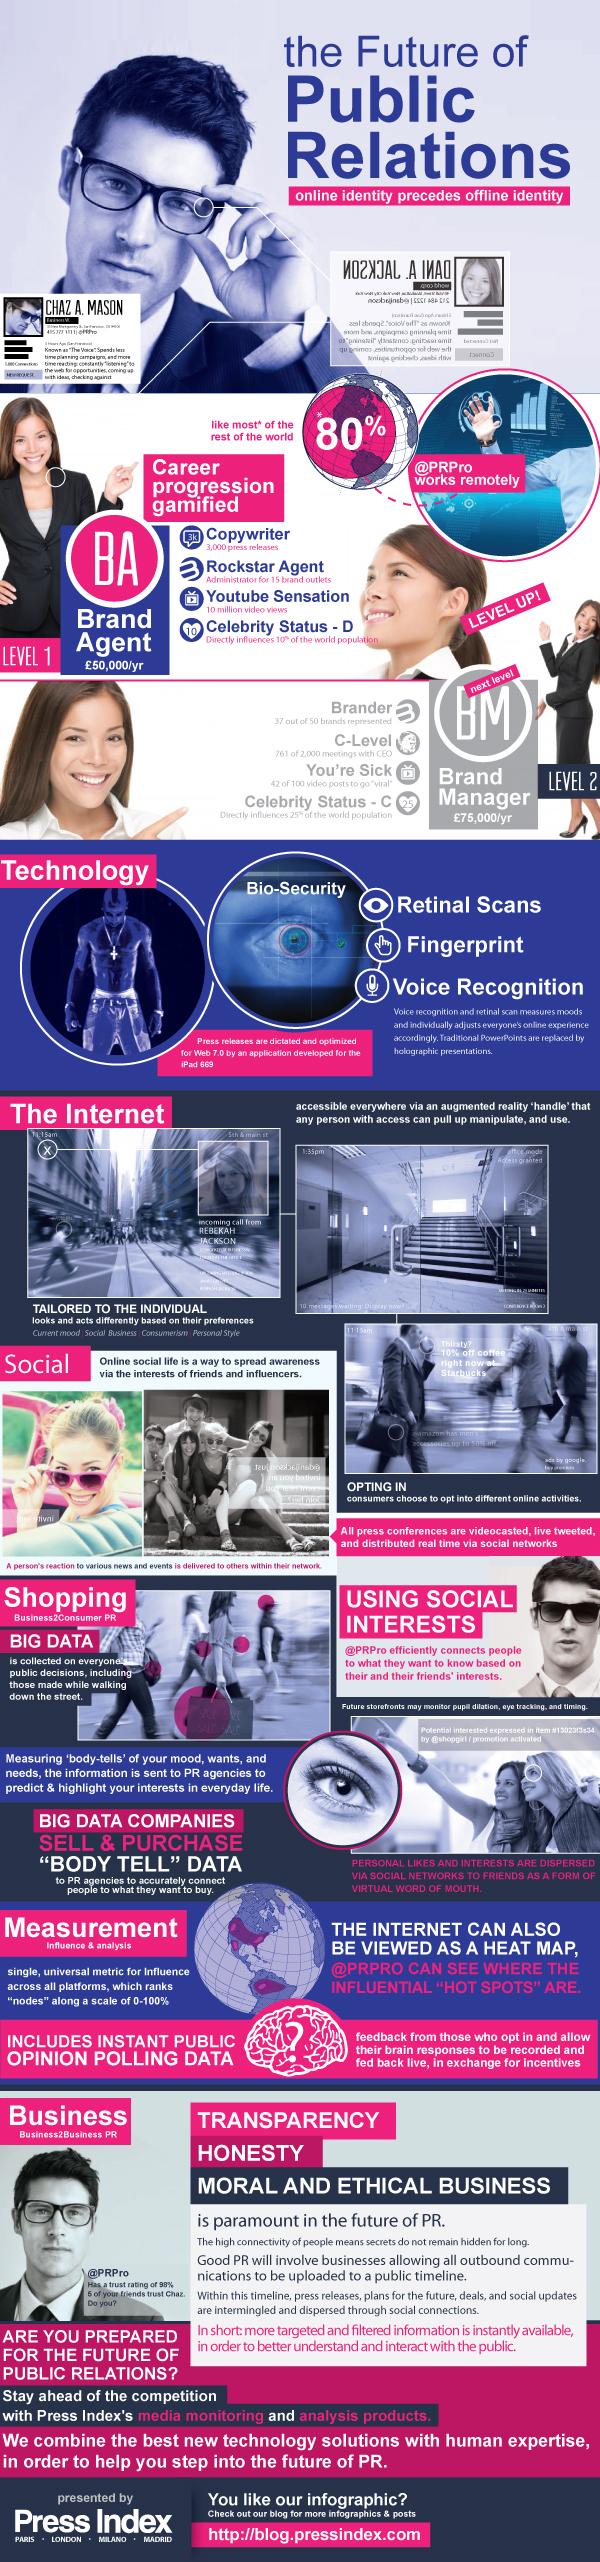 El futuro de las relaciones públicas #infografia #infographic #marketing #internet